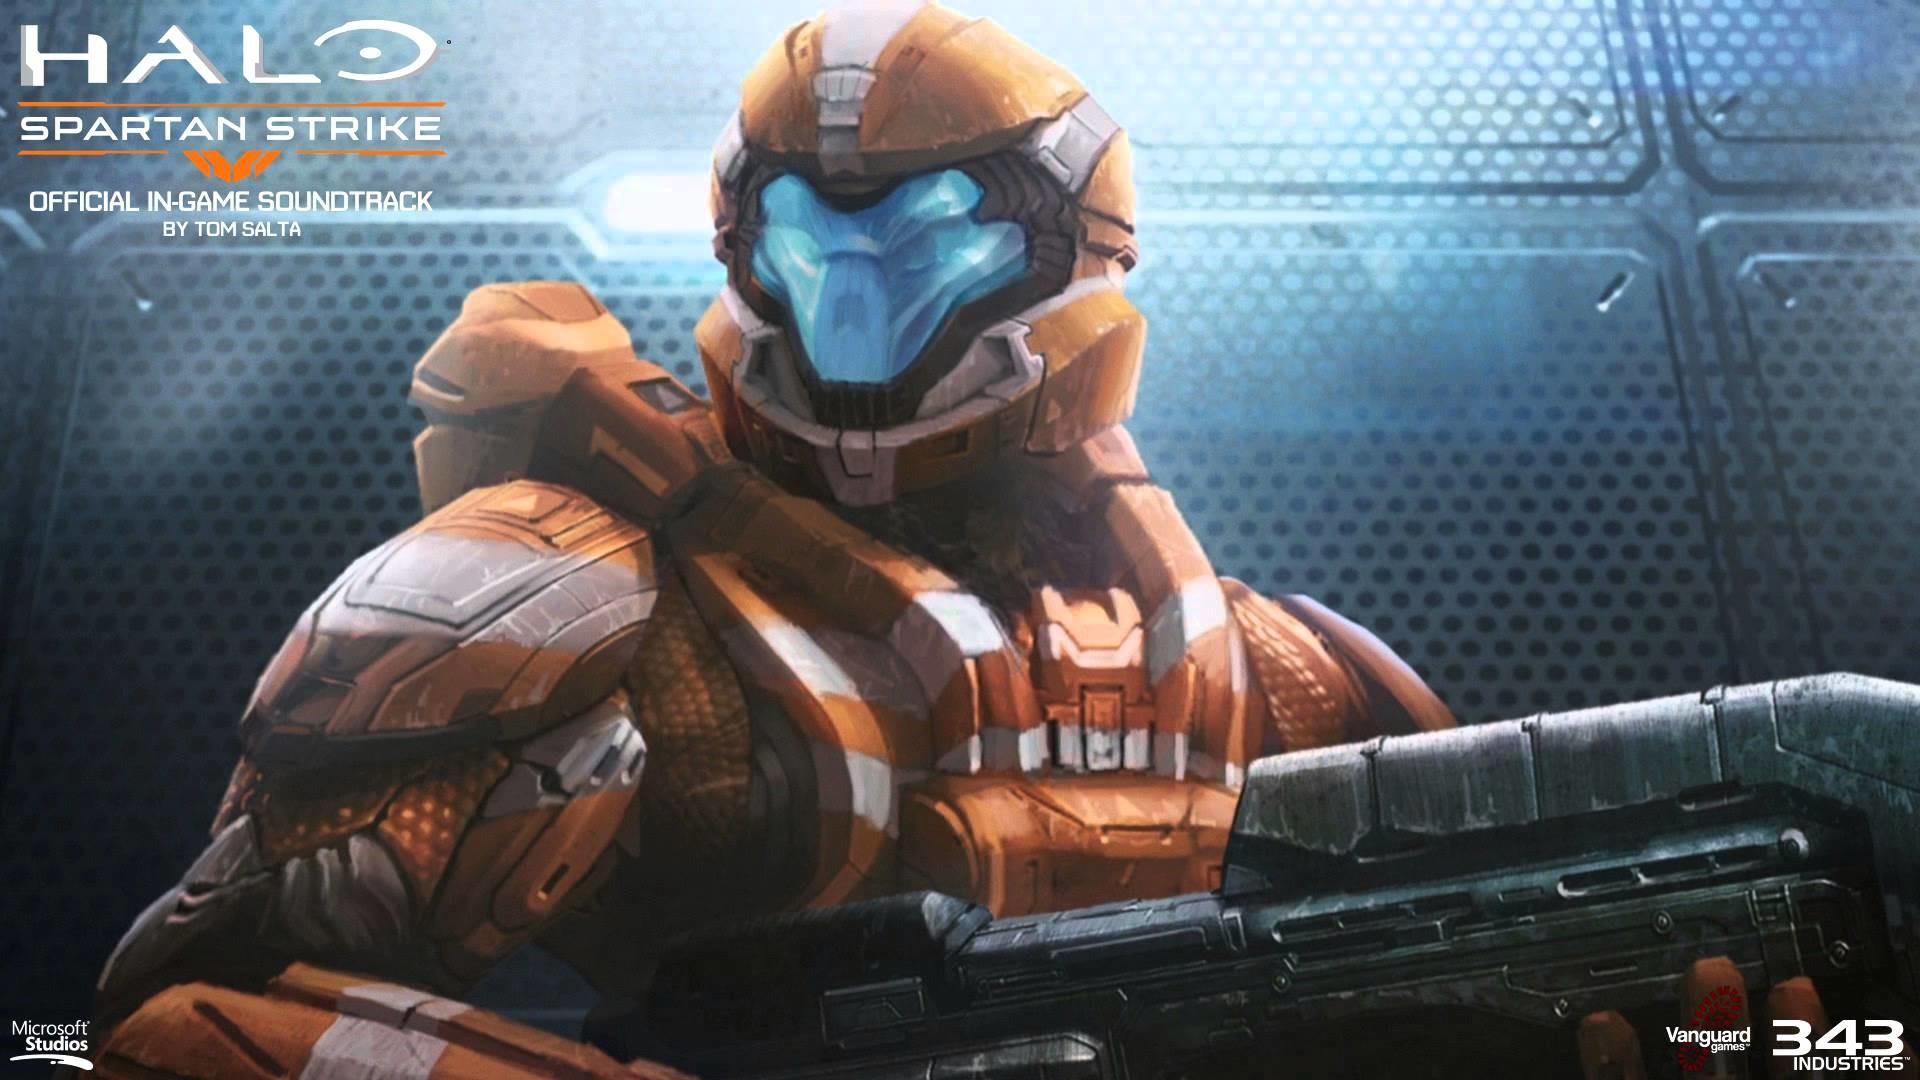 Res: 1920x1080, Halo: Spartan Strike HD Wallpaper 7 - 1920 X 1080